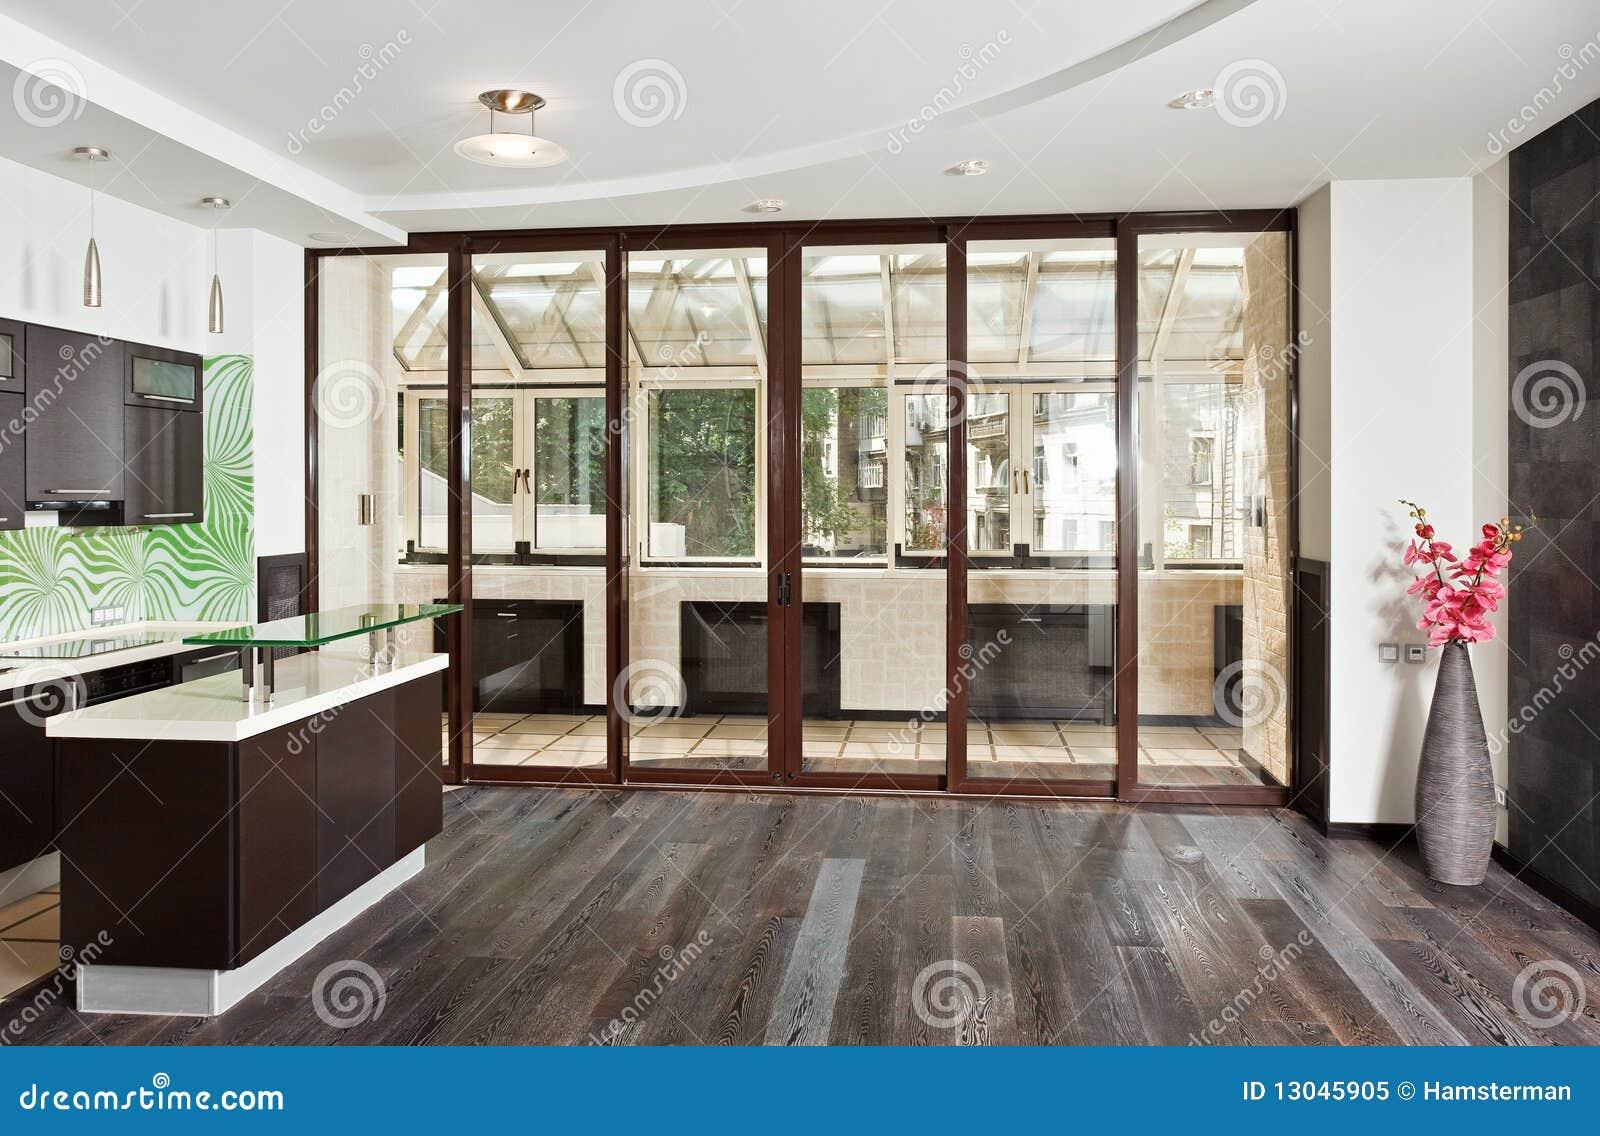 Salotto e cucina moderni con il balcone fotografia stock libera da diritti immagine 13045905 - Moderne woonkamer idee ...